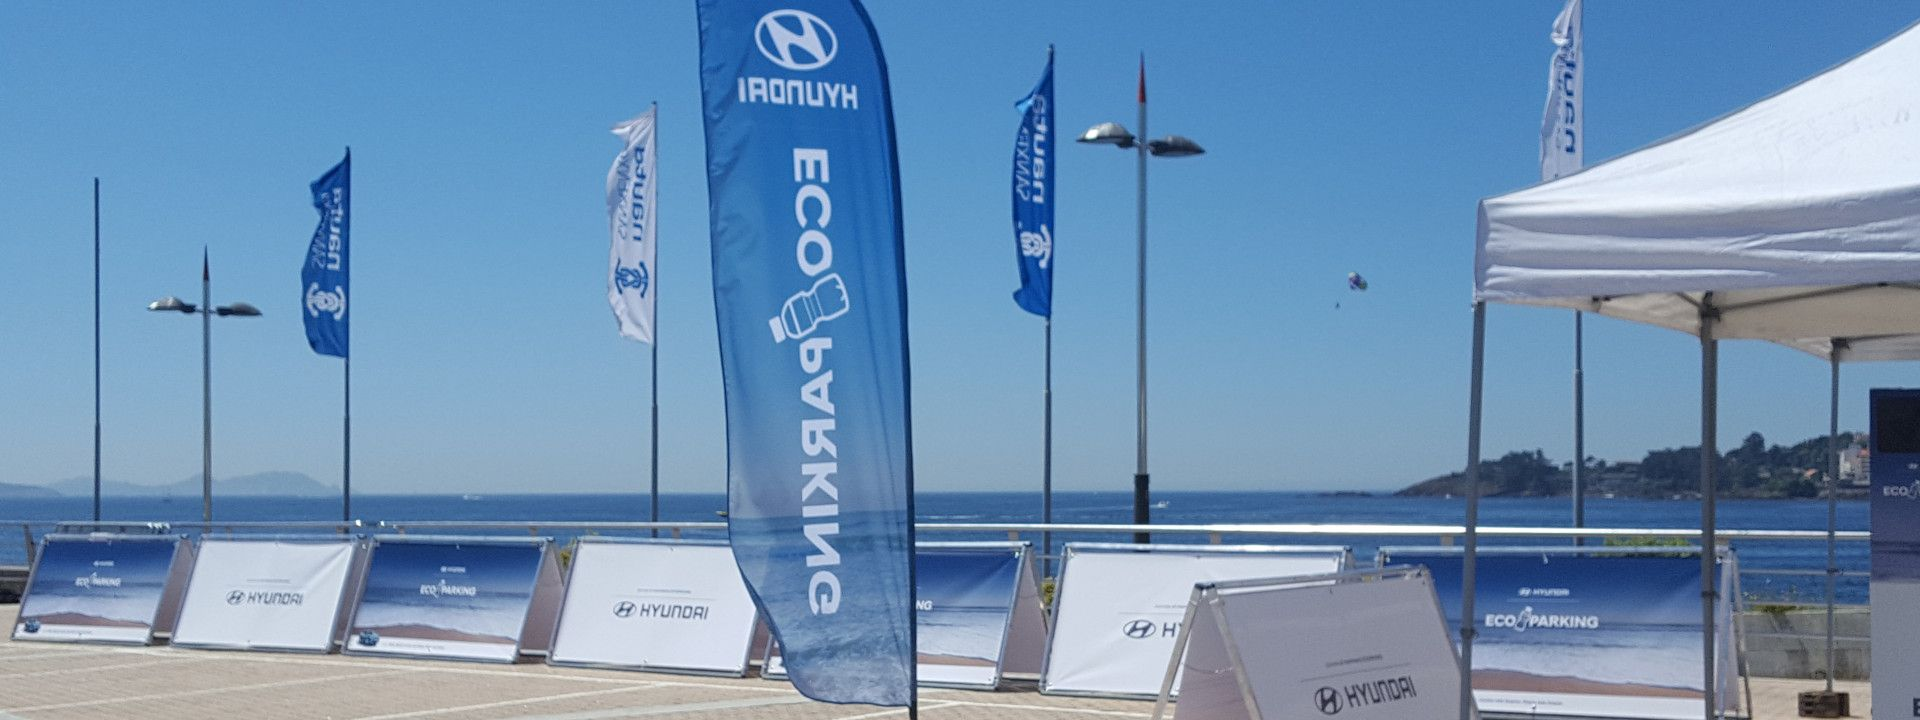 EcoParking repite en Sanxenxo y se amplía a la costa mediterránea